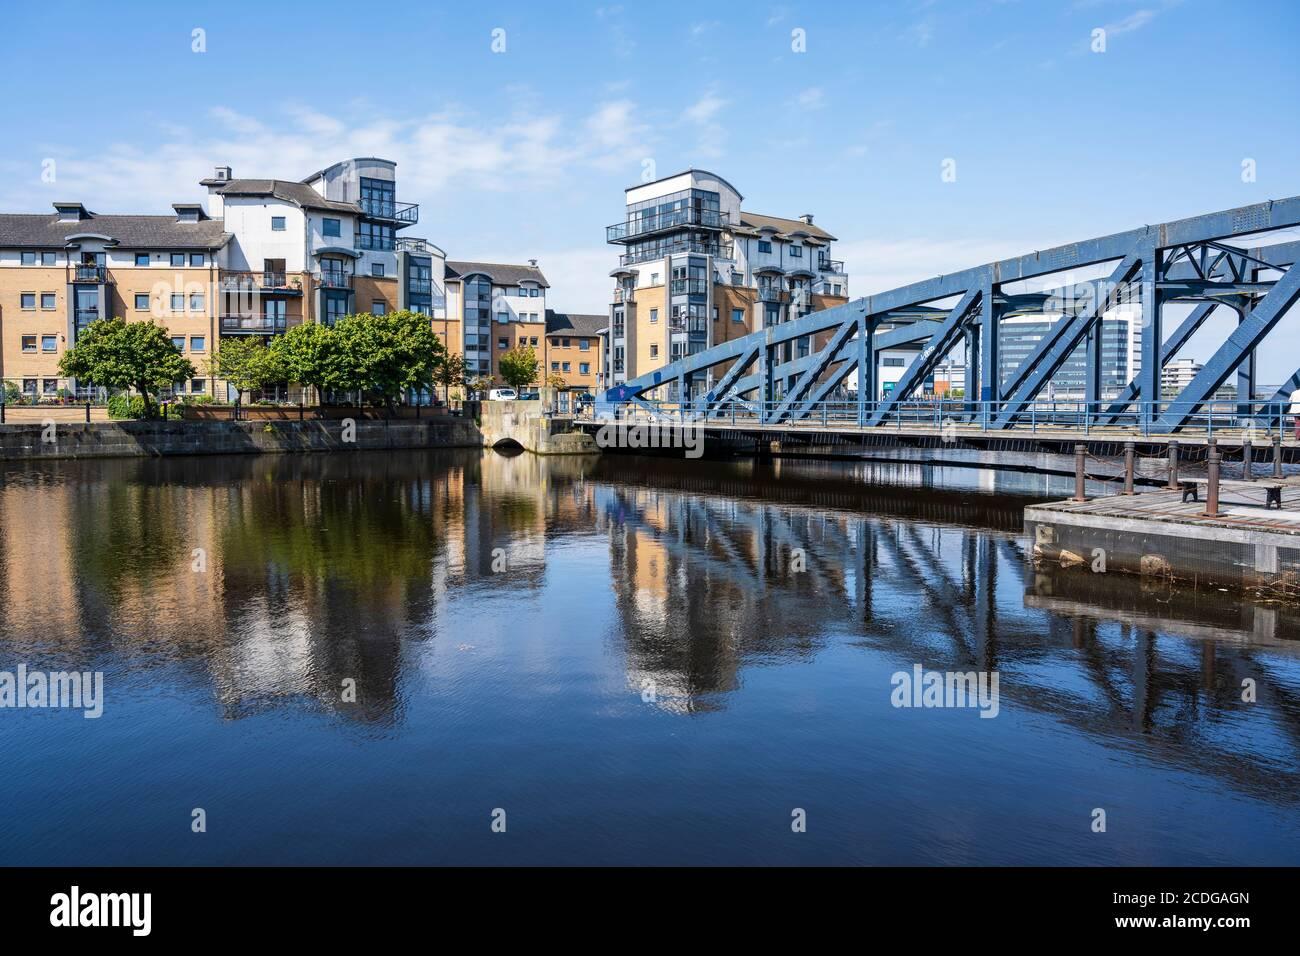 Des immeubles modernes se trouvent sur l'île de Rennie et le pont Victoria Swing Bridge, qui se reflète dans l'eau de Leith à Leith, Édimbourg, Écosse, Royaume-Uni Banque D'Images